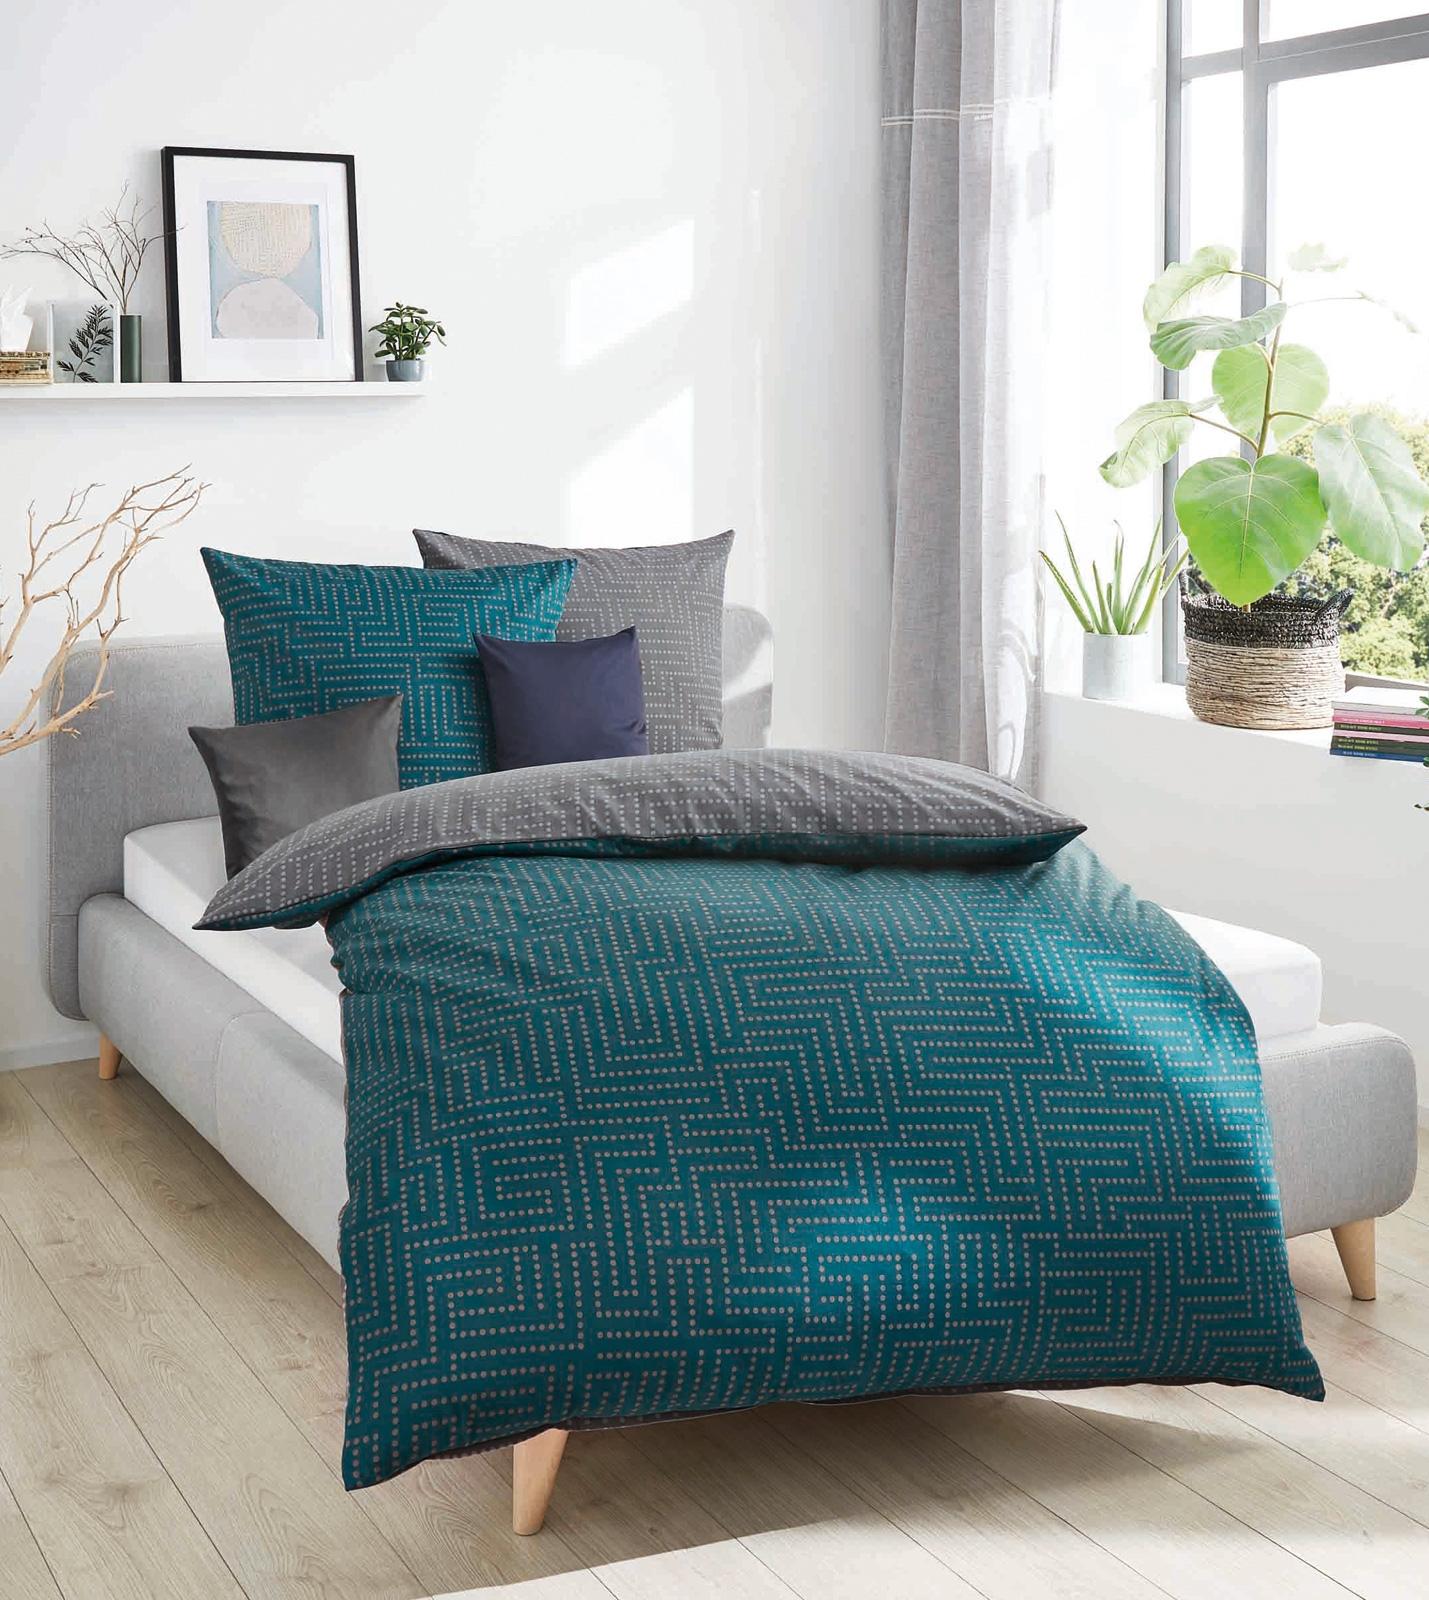 Bettwäsche - Kaeppel Biber Bettwäsche 100 Baumwolle Password smaragd 135x200 Aufbewahrungsbeutel  - Onlineshop PremiumShop321